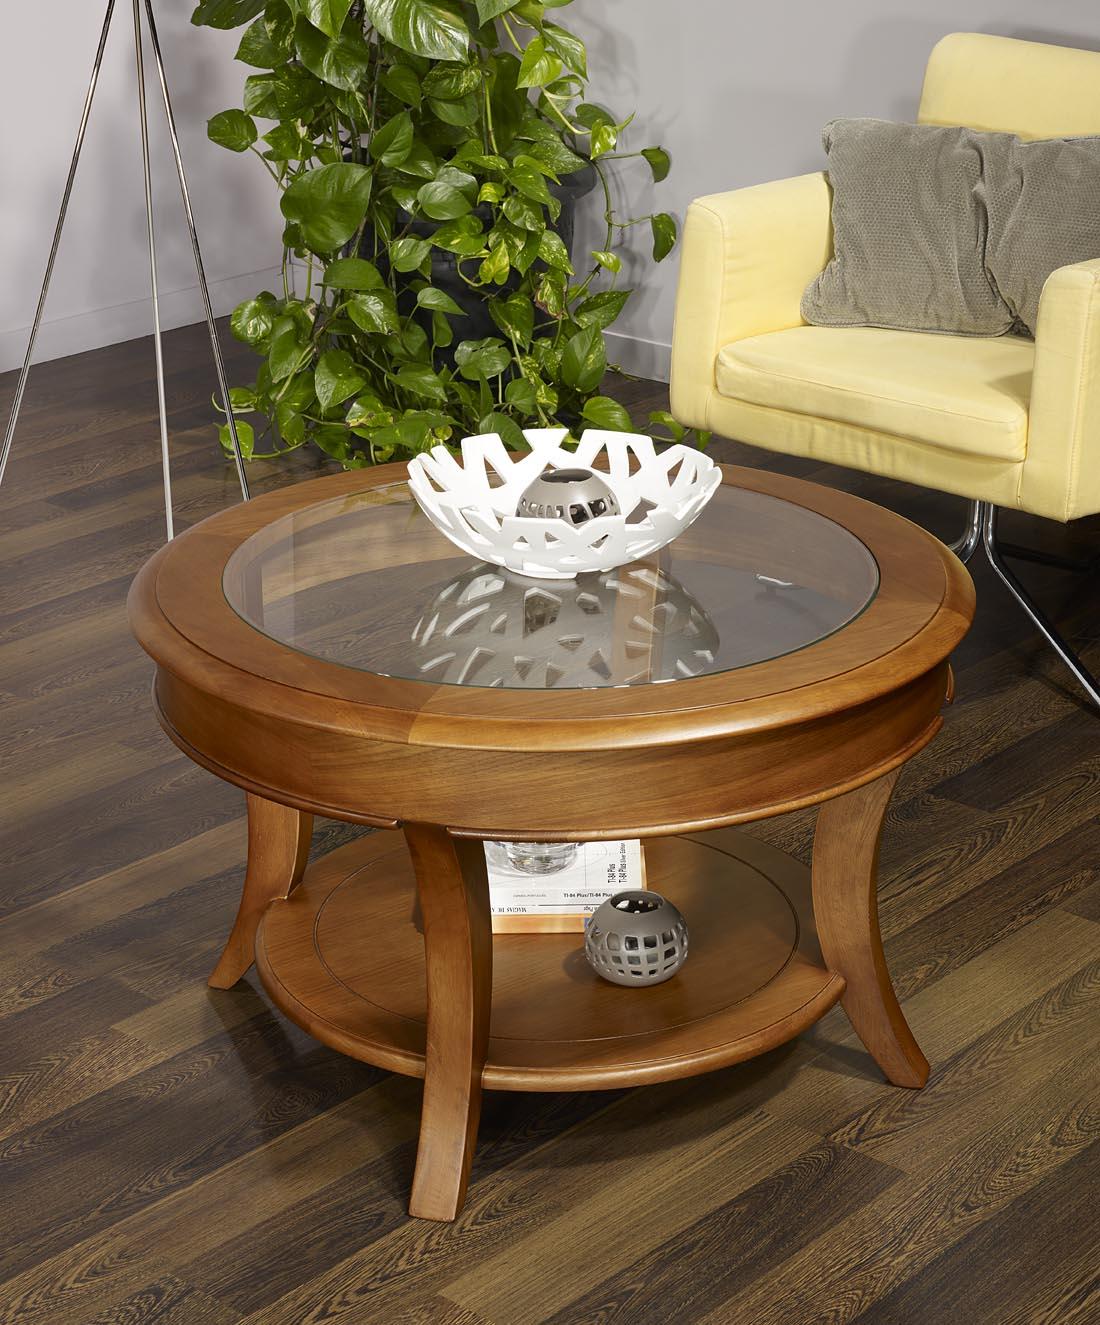 Table basse en bois originale